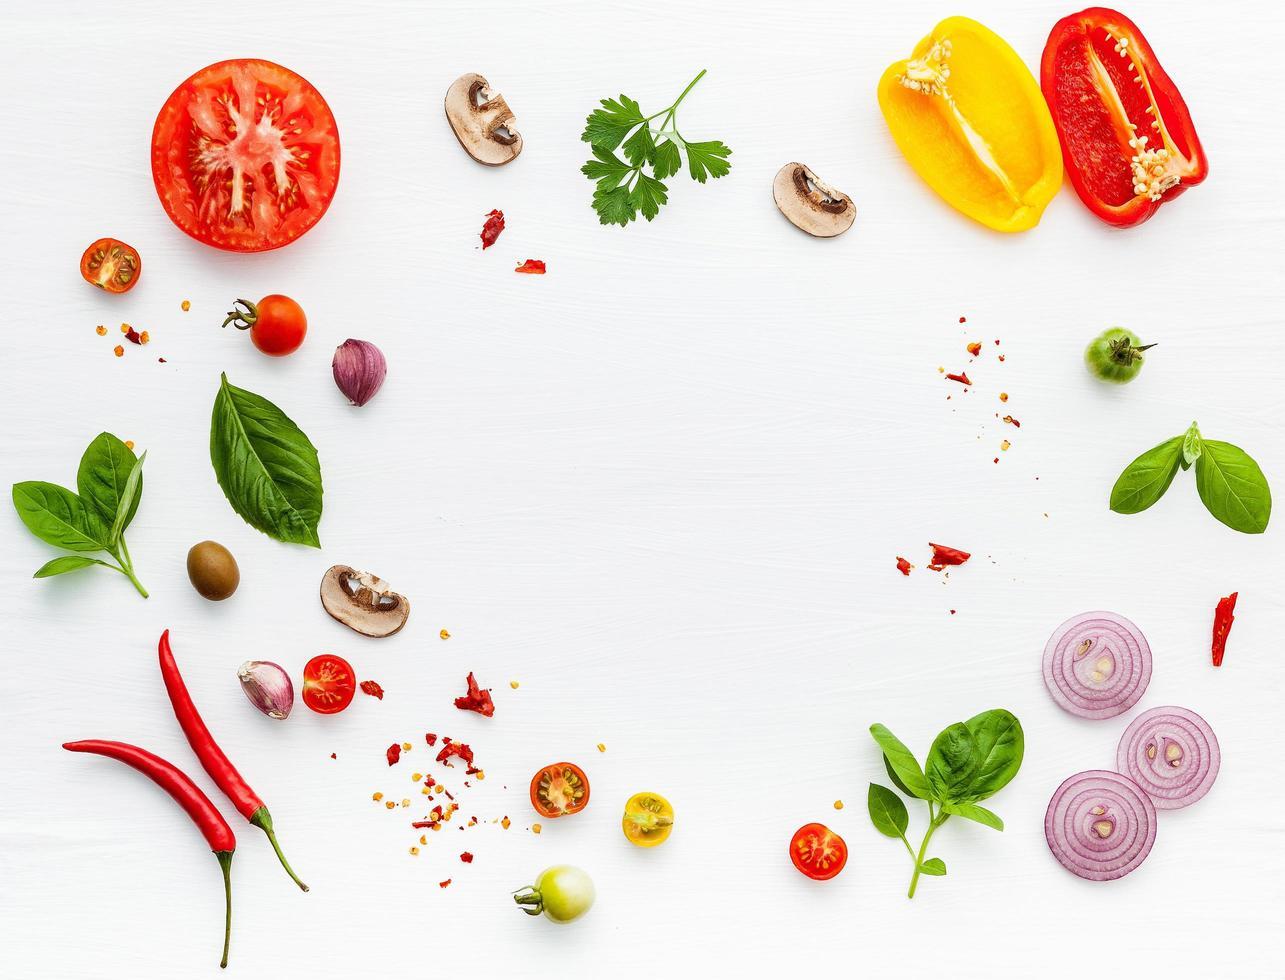 frame van ingrediënten voor pizza foto